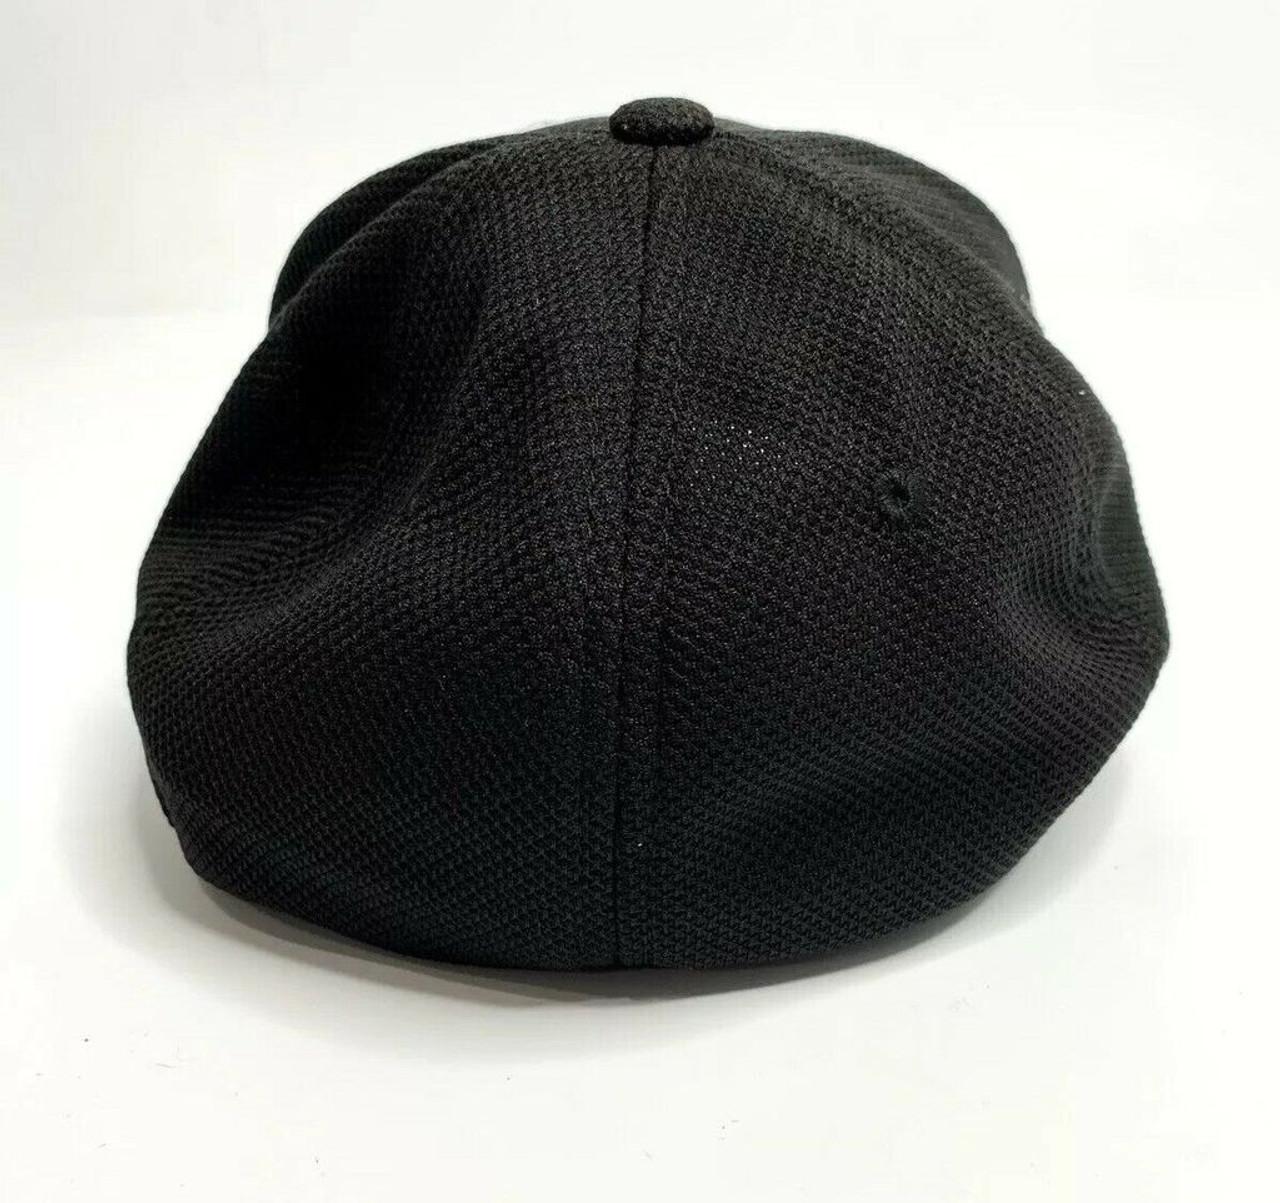 C7 Corvette Performance Flex Fit Black Hat (back)